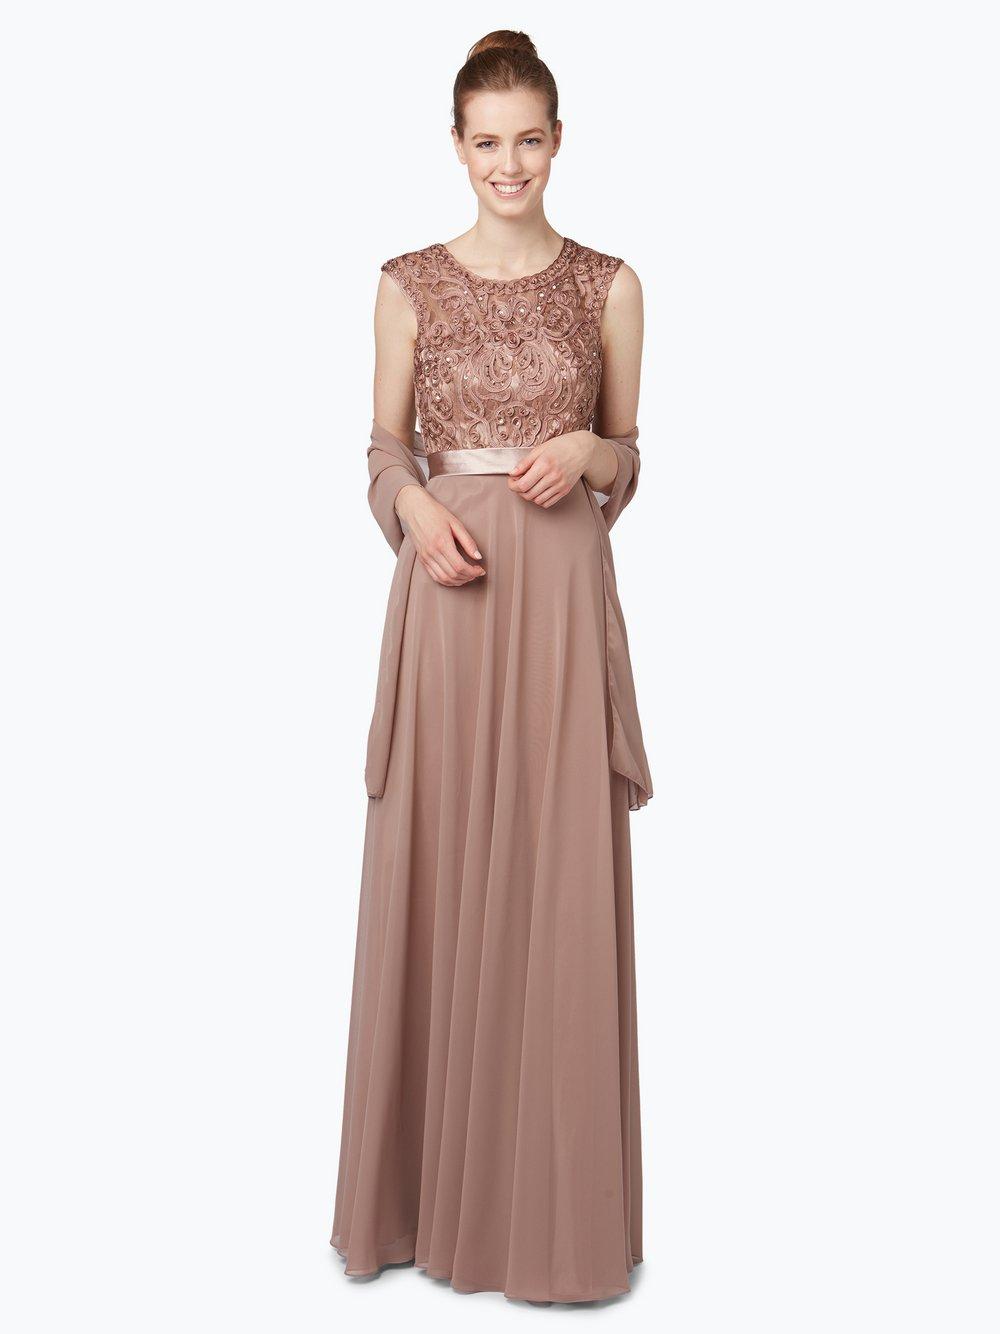 Tolle Abendkleider Unter 50 Bilder - Hochzeit Kleid Stile Ideen ...